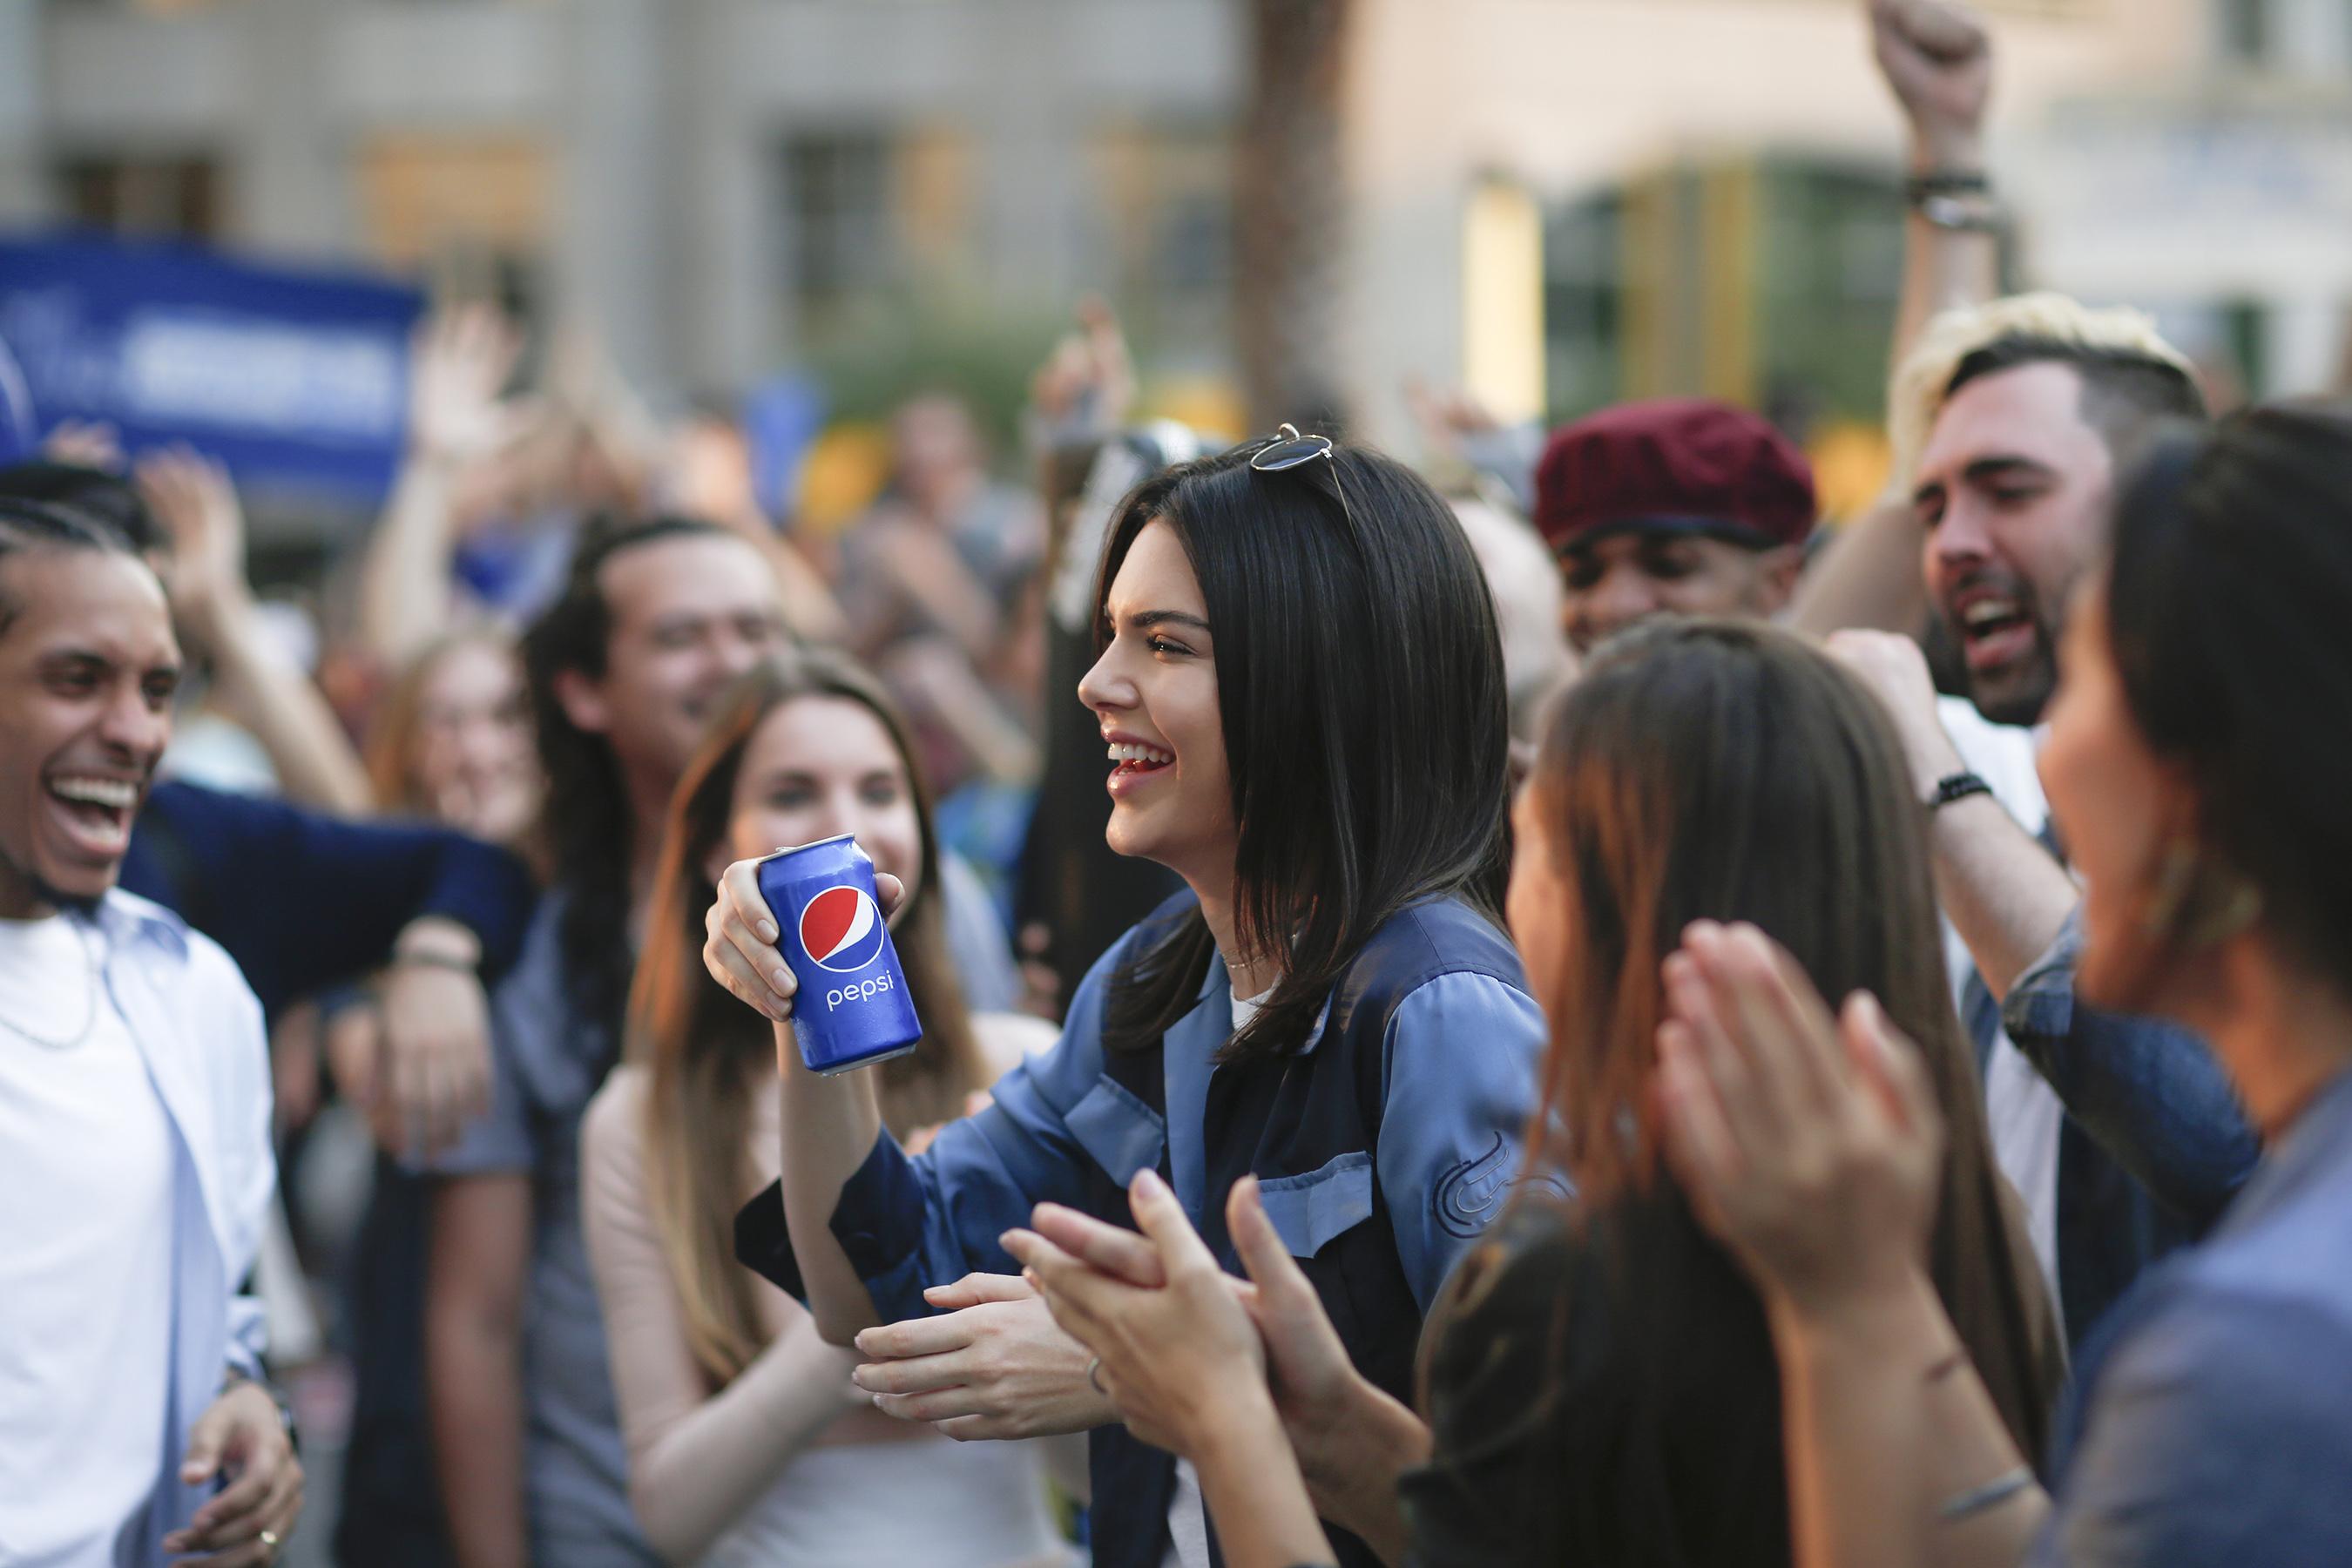 Phốt căng nhất cuộc đời Kendall Jenner: Quảng cáo gỡ trong 1 ngày, bị bắt giải nghệ và lời xin lỗi trong nước mắt - Ảnh 4.